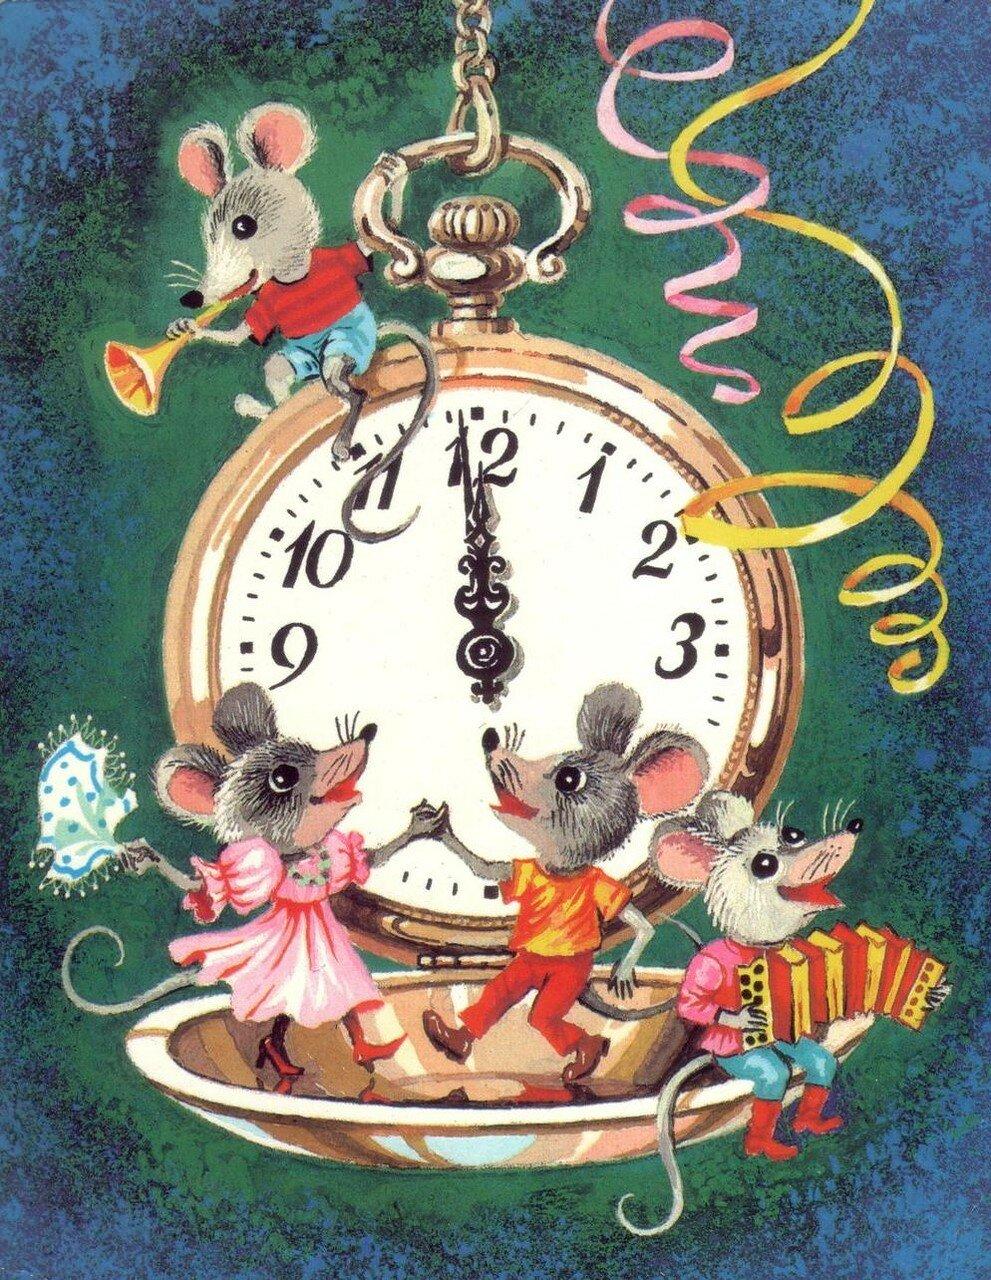 Поздравление на день рождения про часы